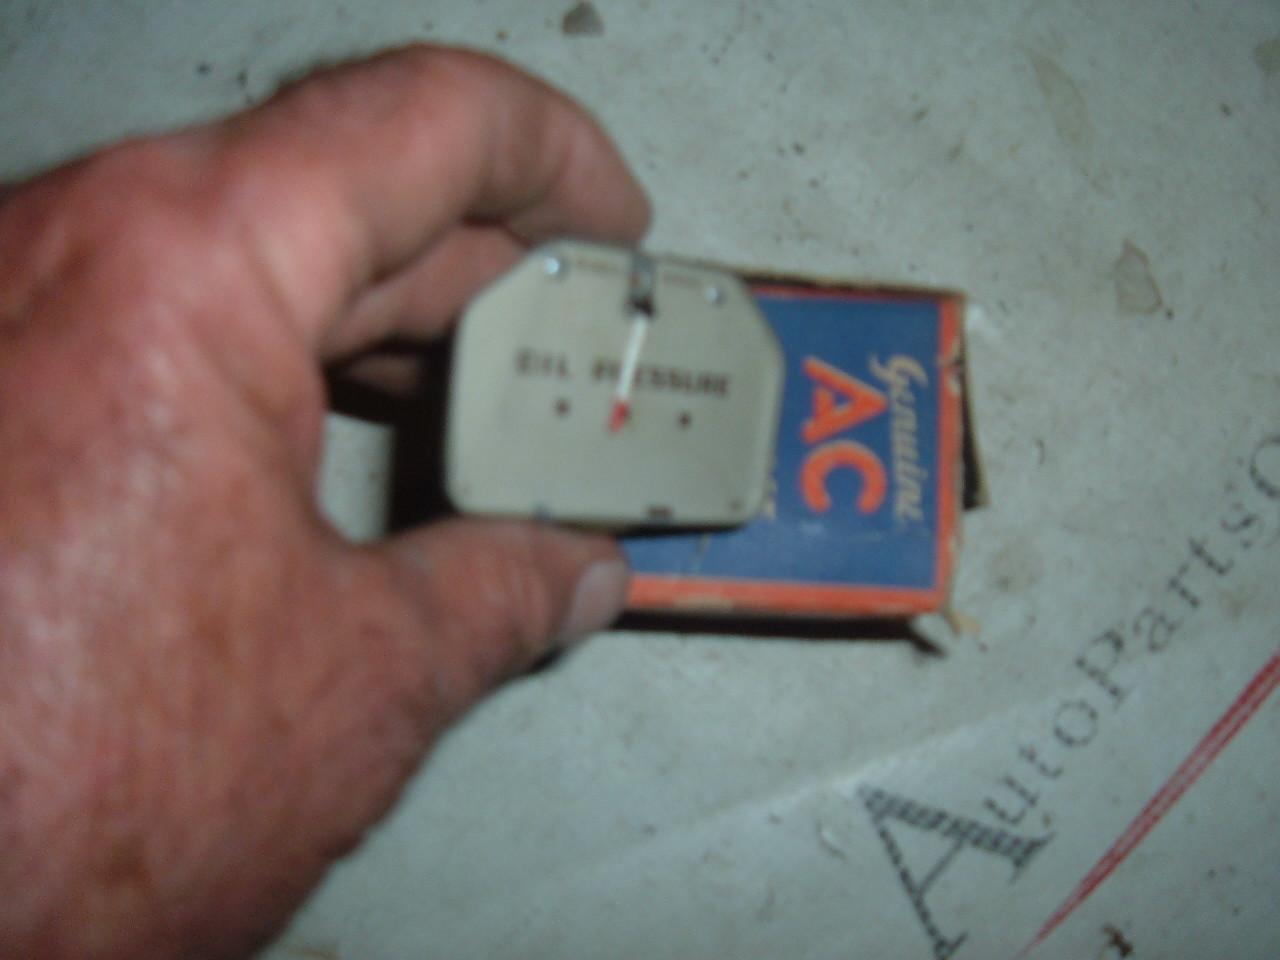 1940 oldsmobile oil pressure gauge dash unit nos gm 1506011 (z 1506011)